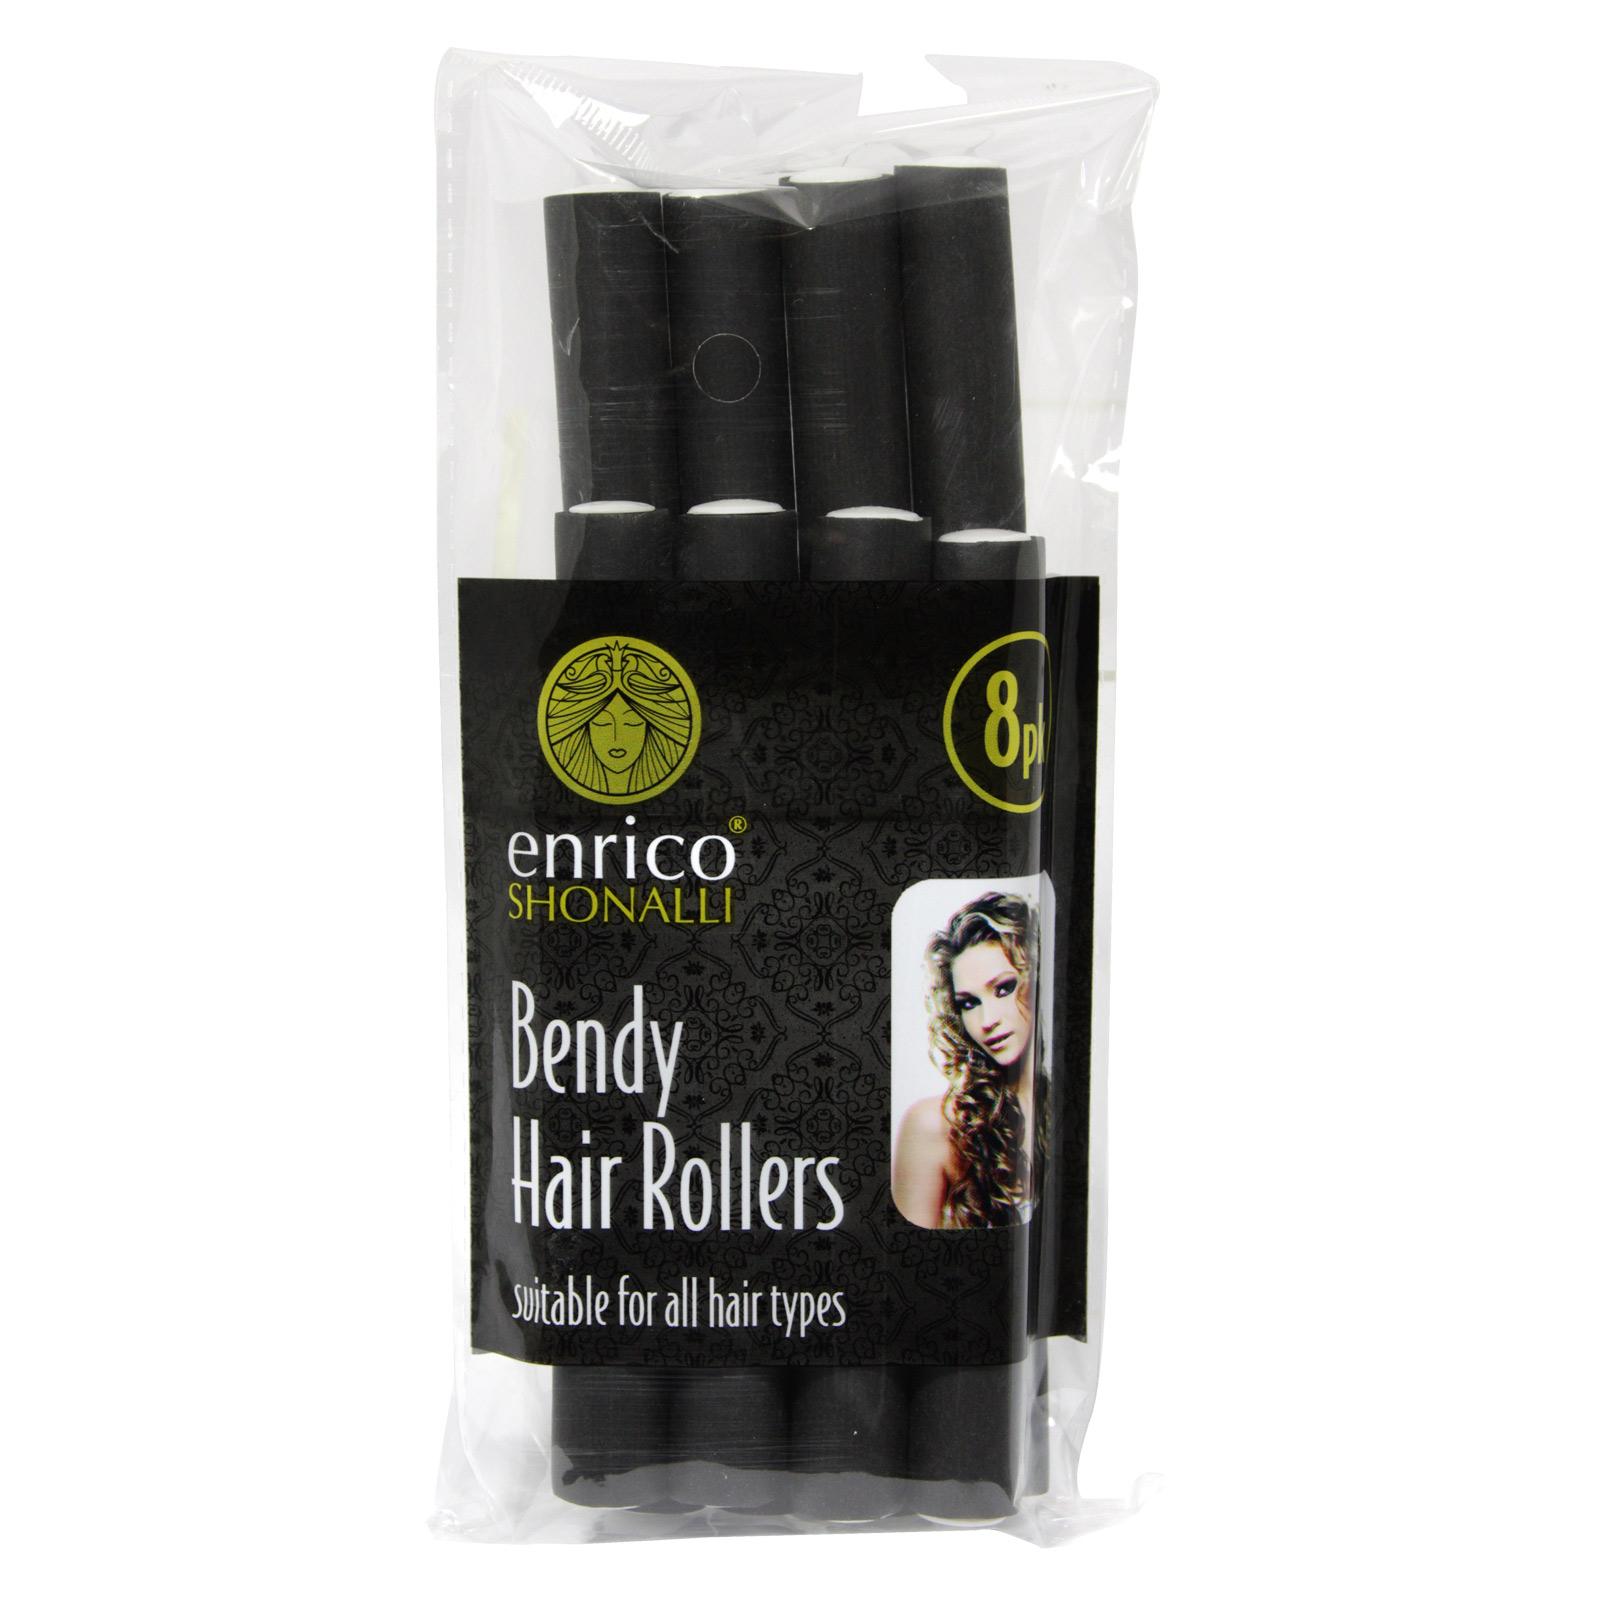 ENRICO HAIR ROLLERS BENDY 8PK